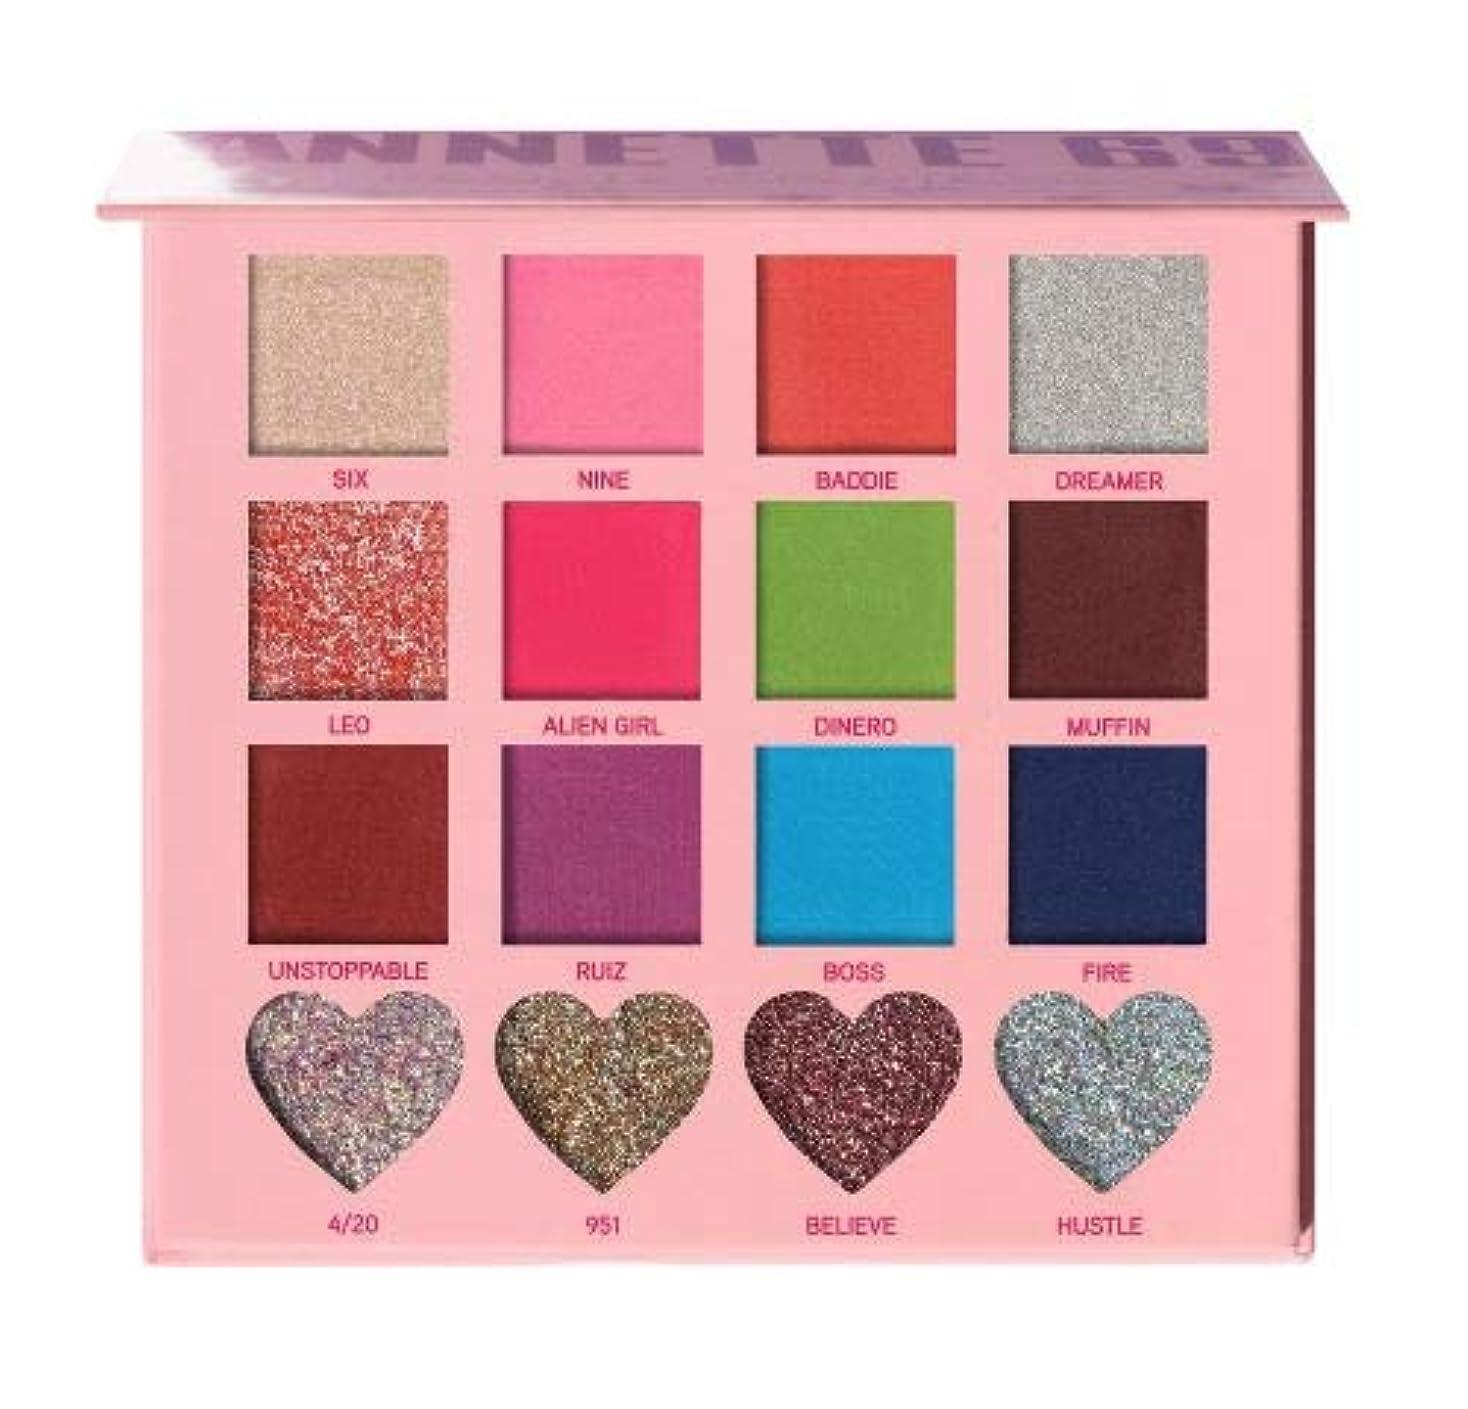 不可能なイデオロギー運命(6 Pack) BEAUTY CREATIONS x Annette 69 Eyeshadow Palette (並行輸入品)